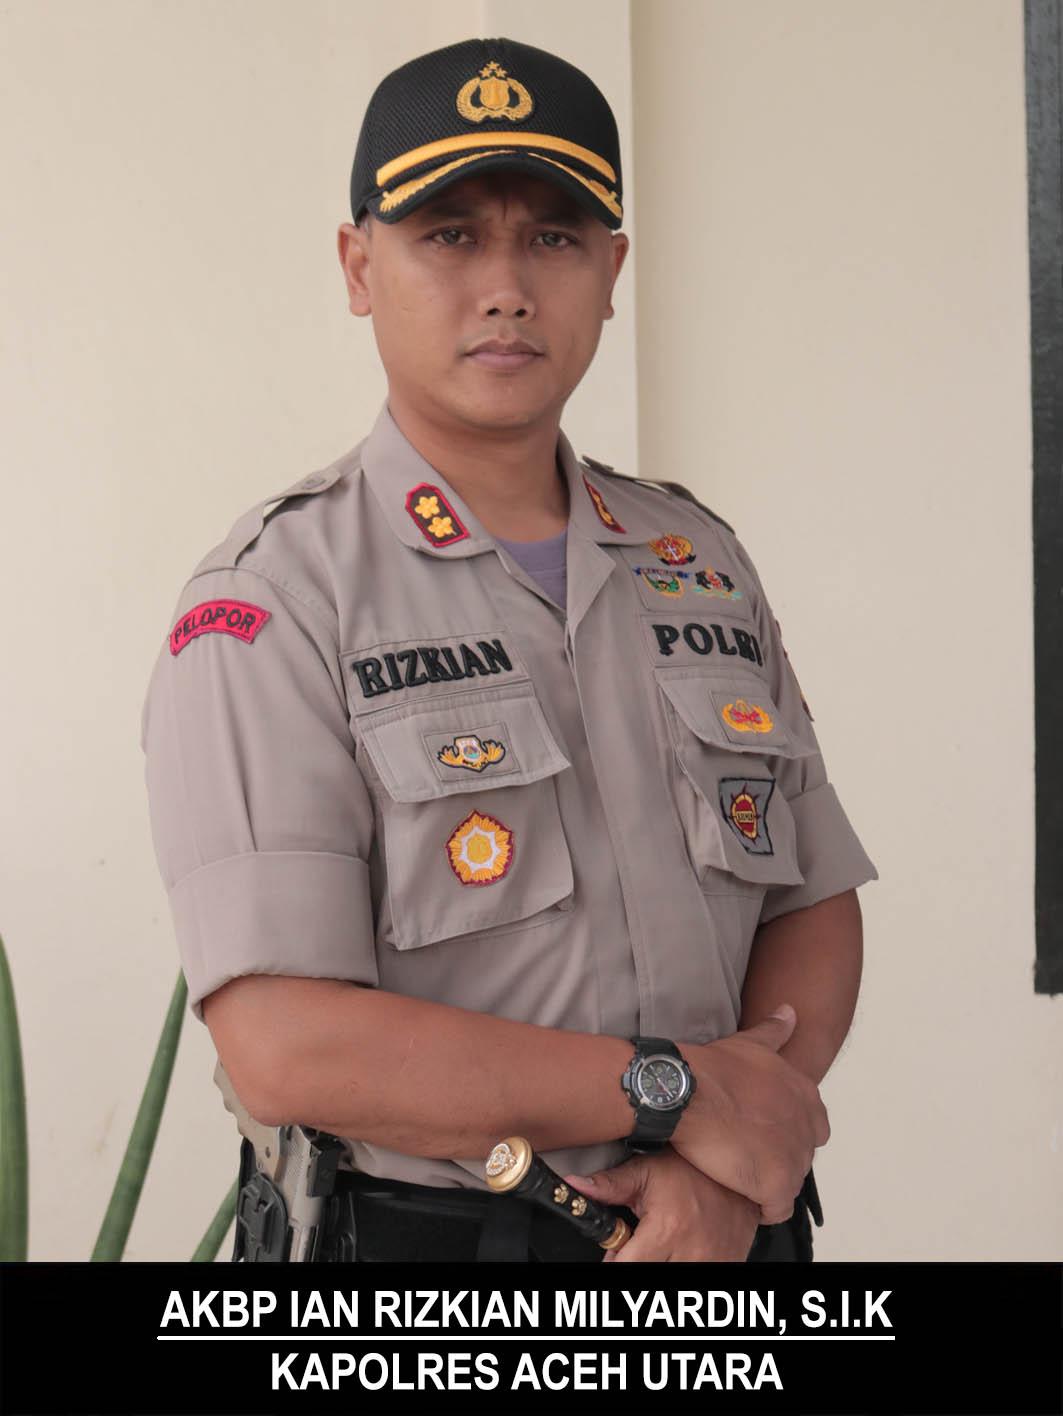 Kapolres Aceh Utara